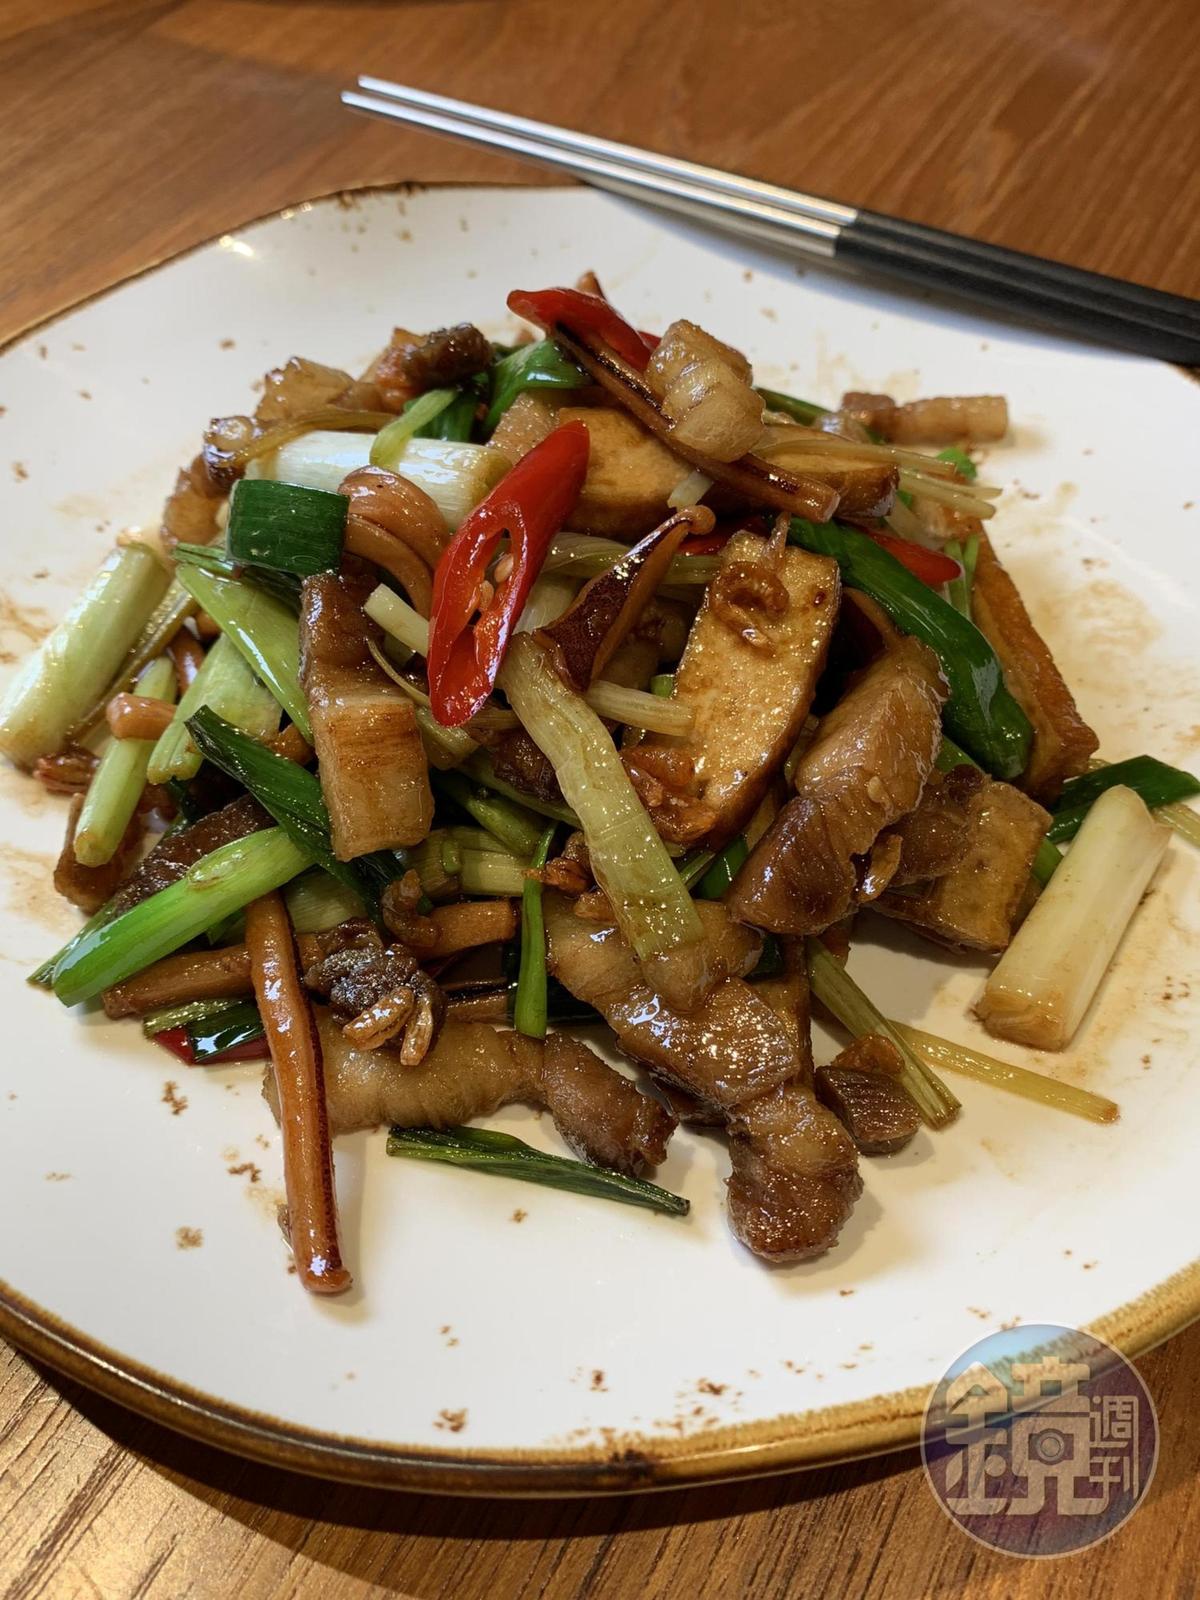 鑊氣十足的「五花魷魚小炒」,靠蝦米勾出濃鹹滋味。(2人套餐菜色)